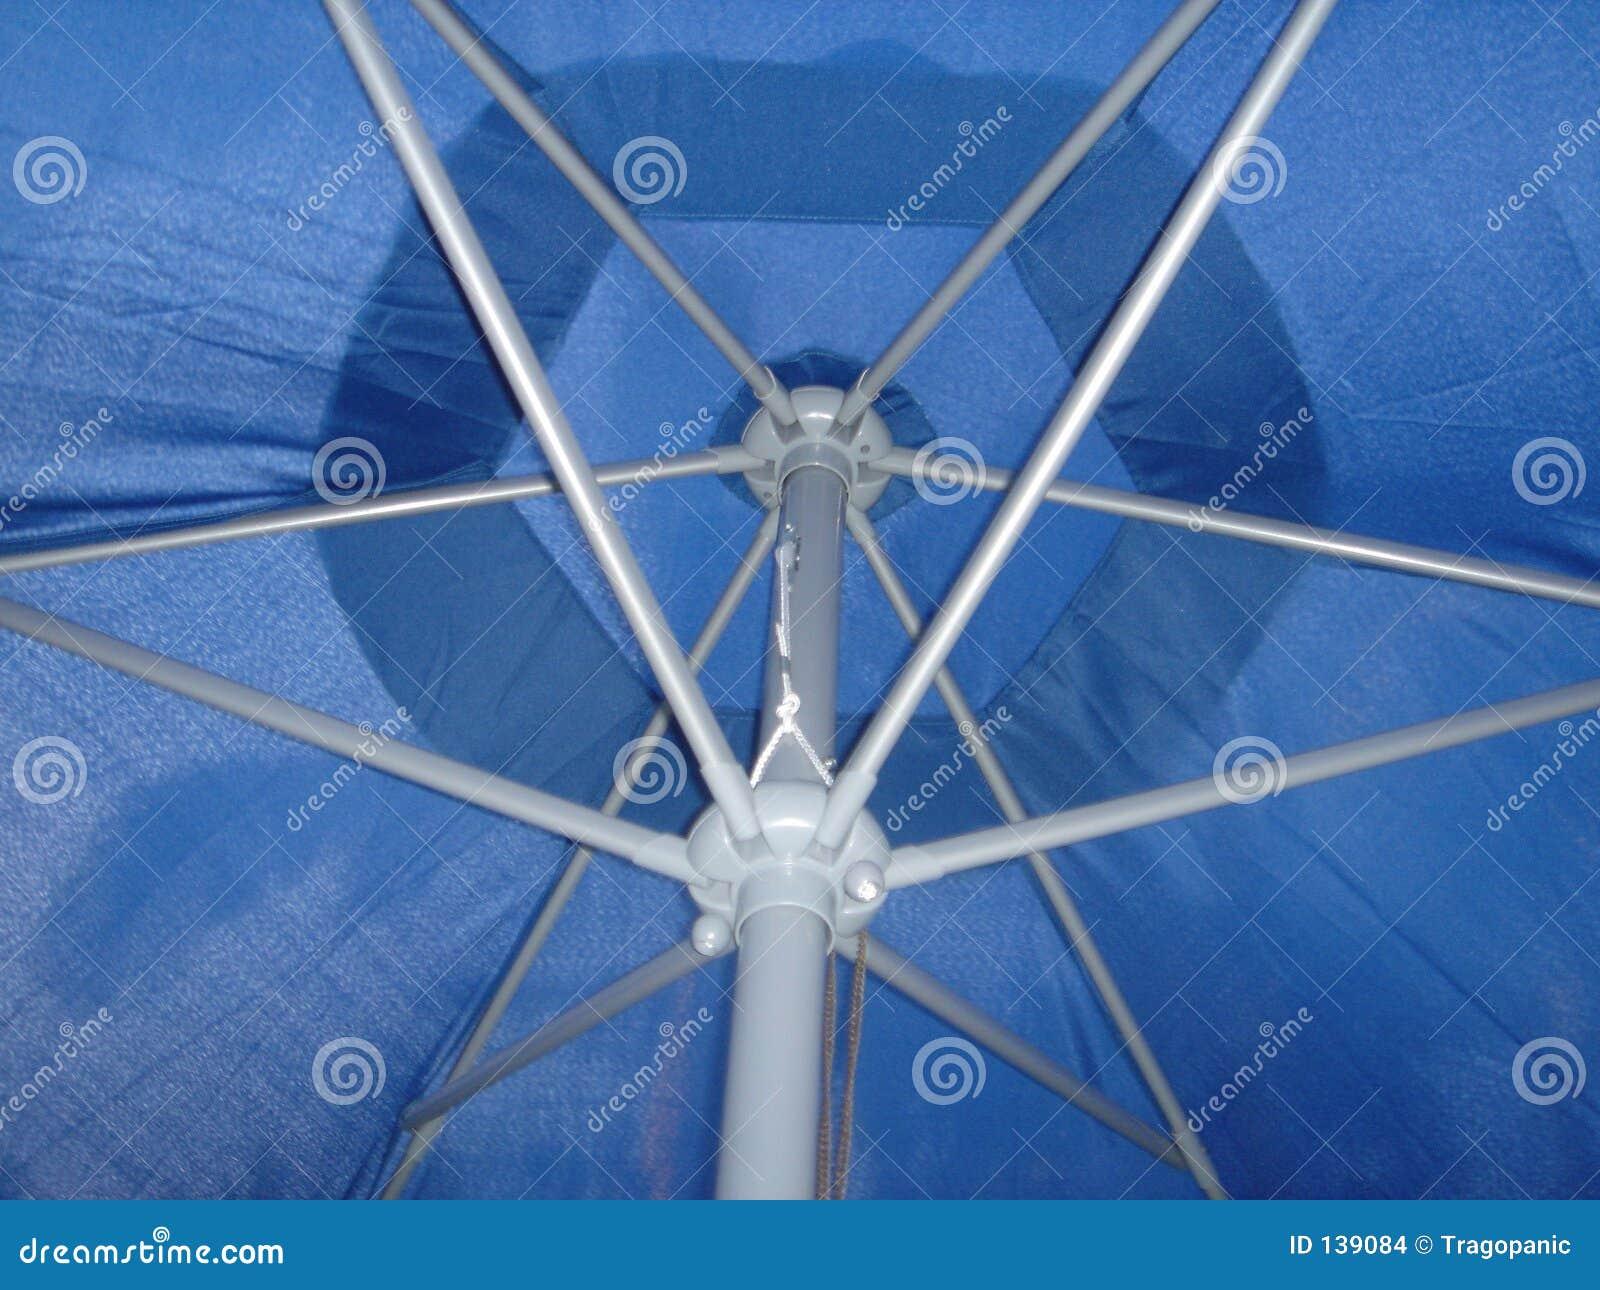 Parasol patio